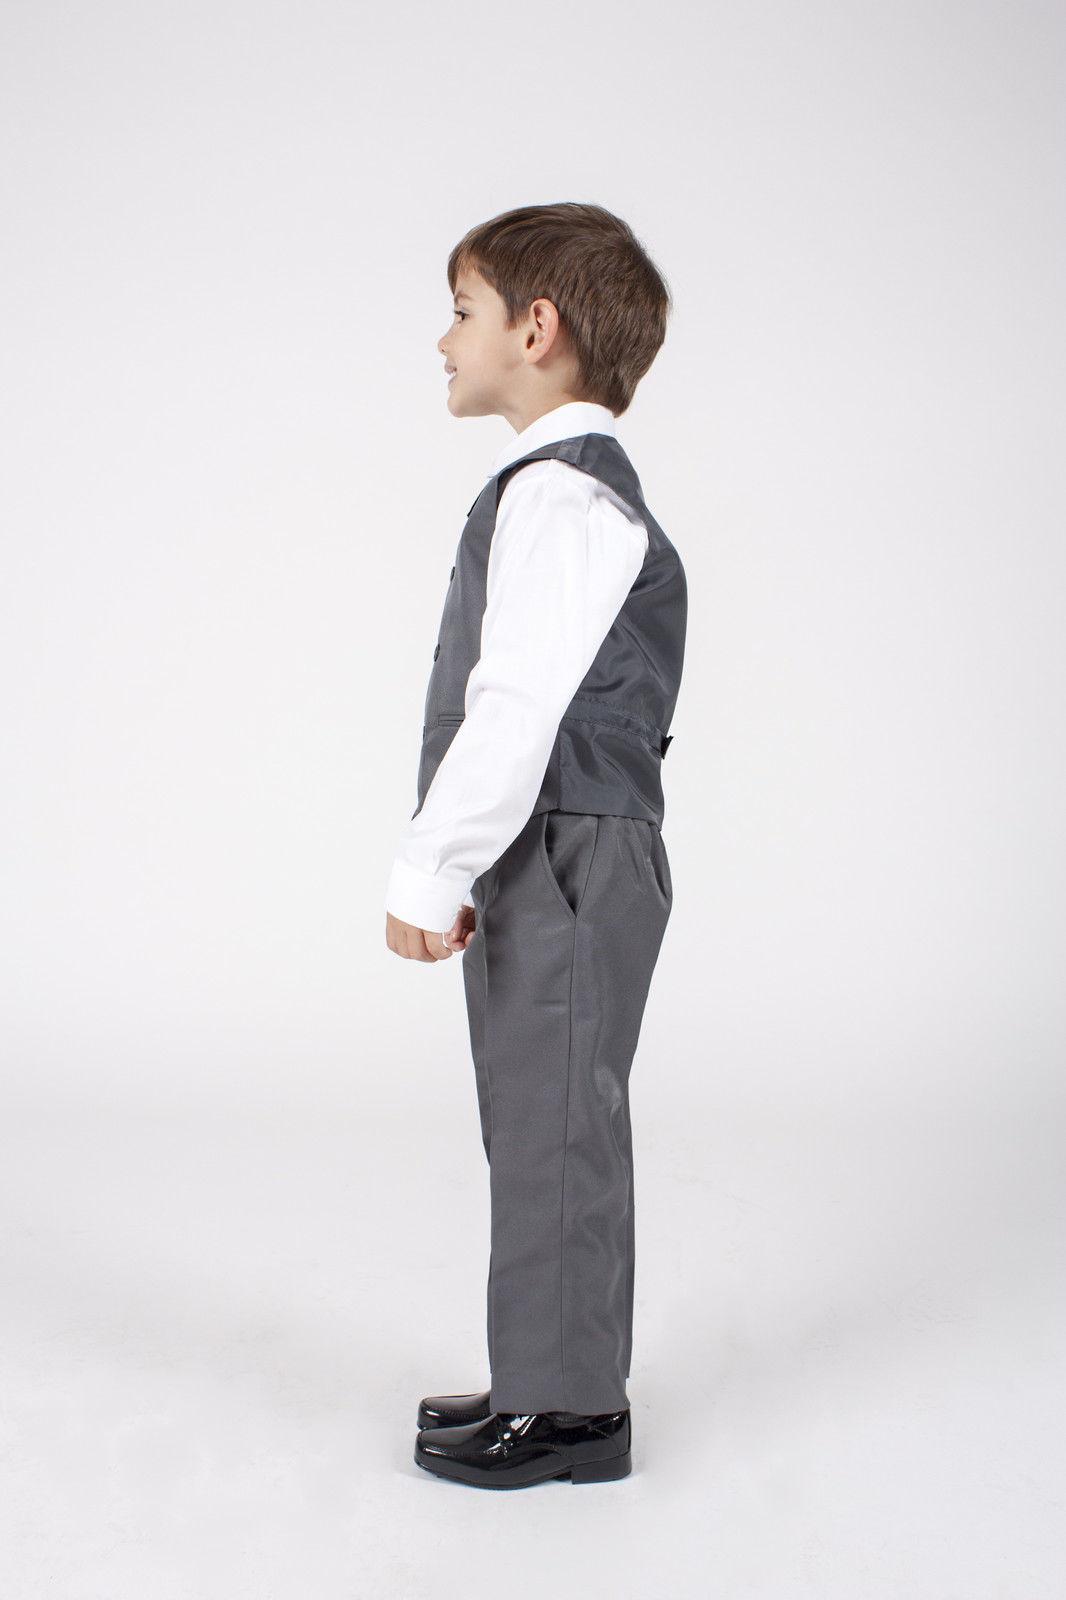 NOVINKA - dětský oblek k zapůjčení, 3m-9 let - Obrázek č. 3